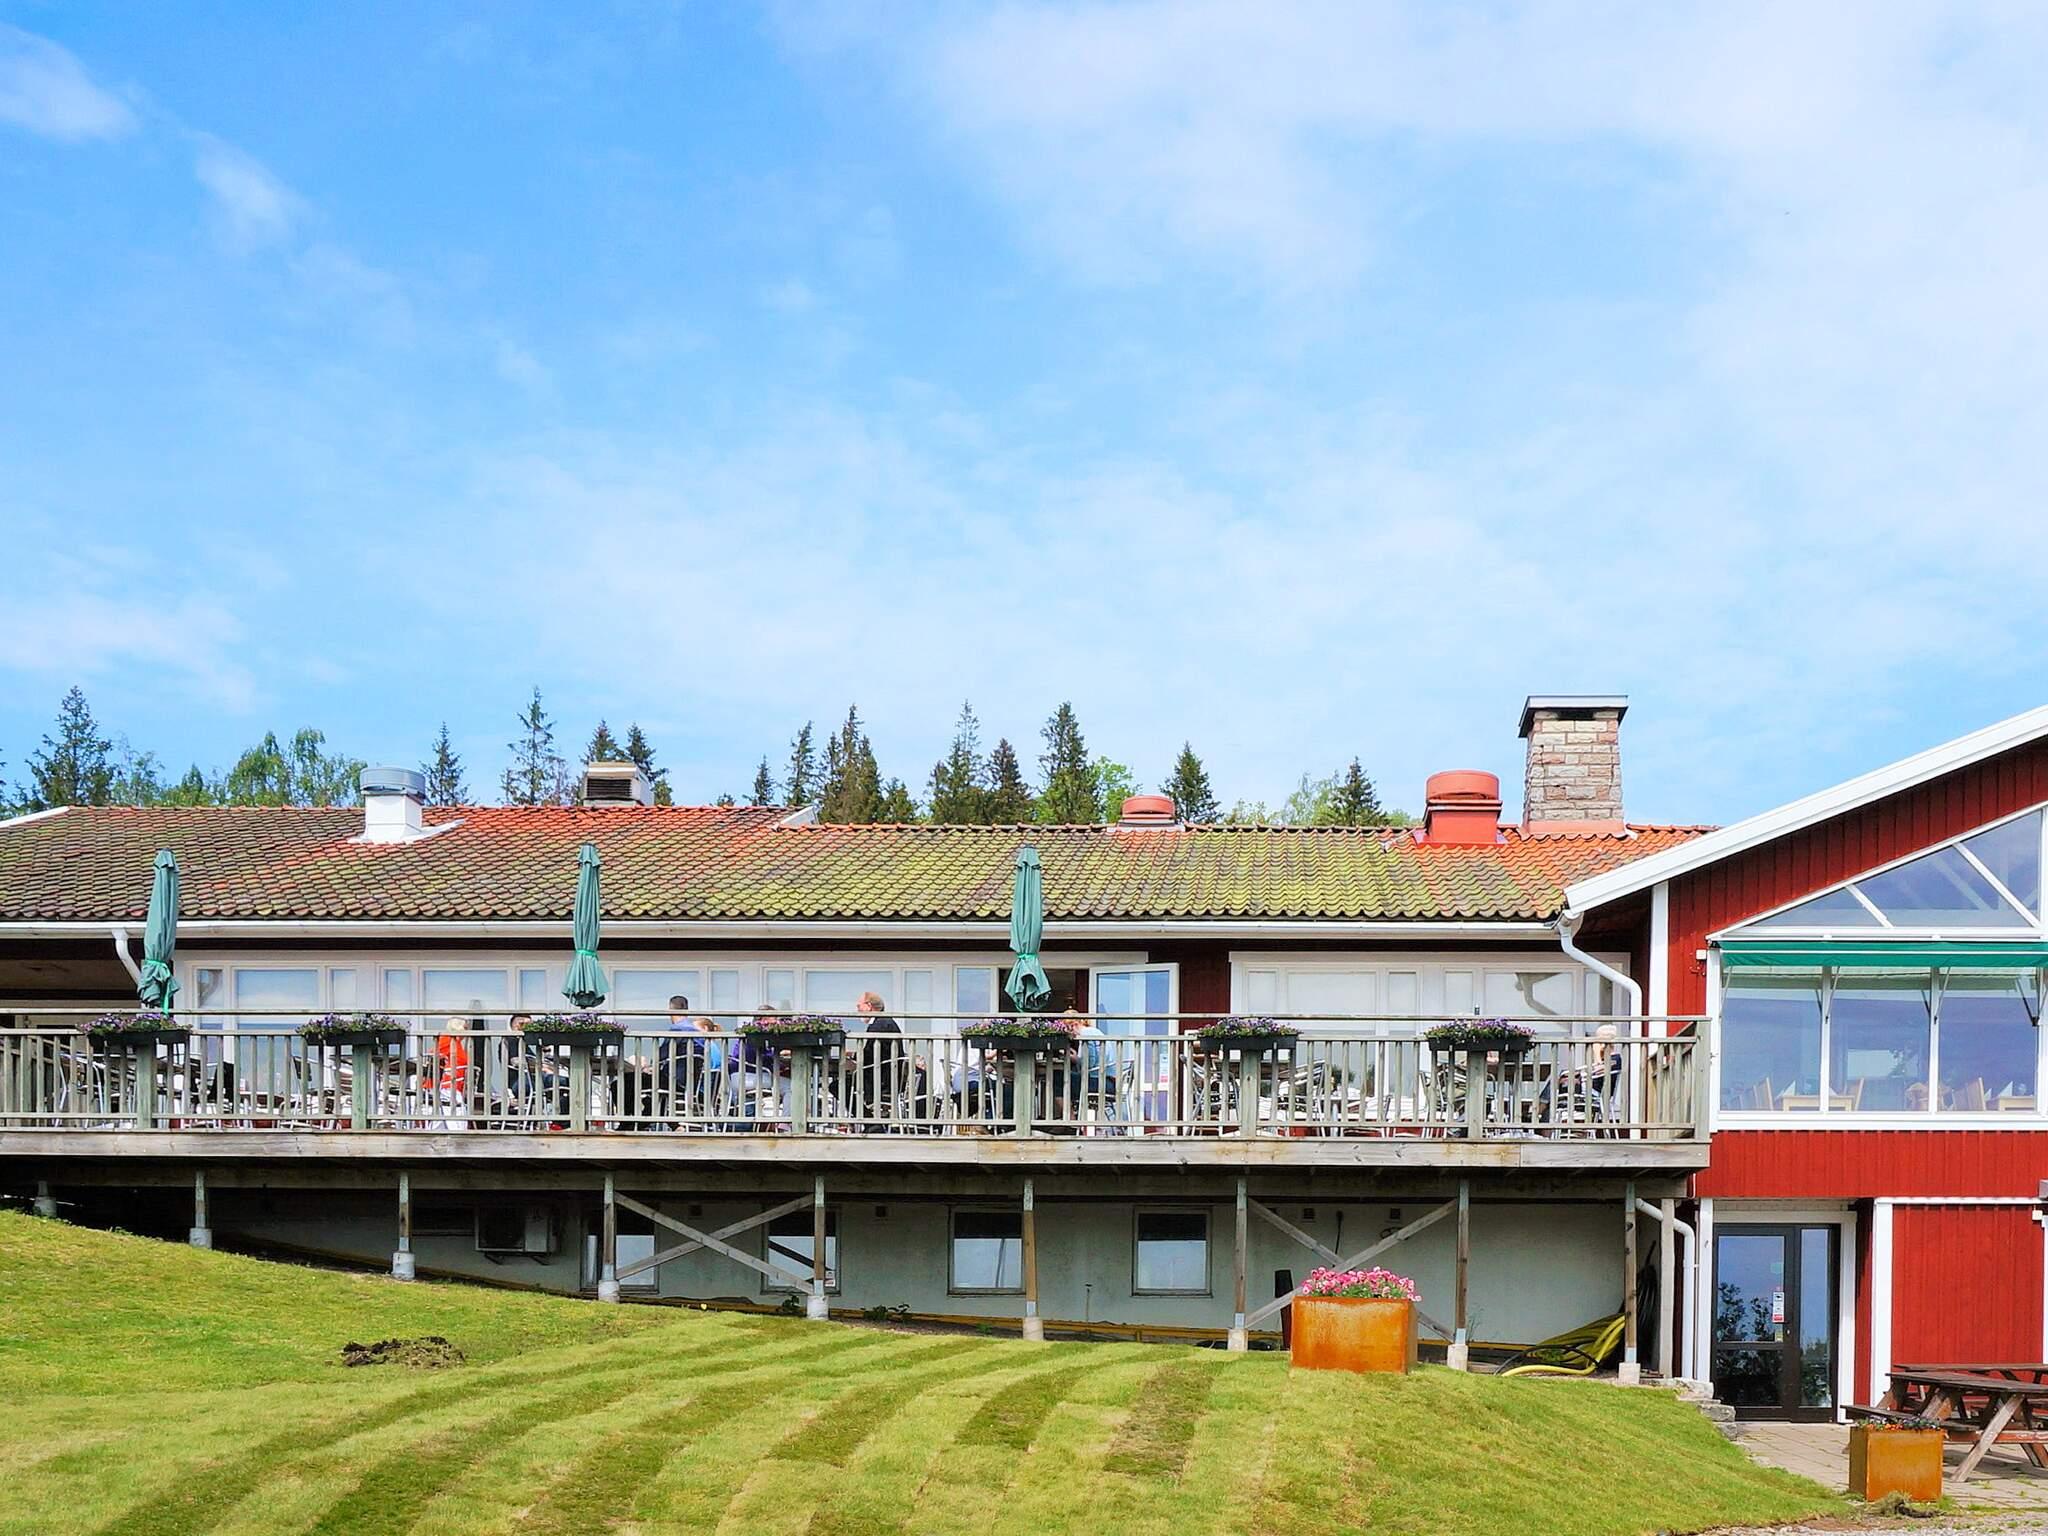 Ferienhaus Lidköping (2633224), Götene, Västra Götaland län, Westschweden, Schweden, Bild 17